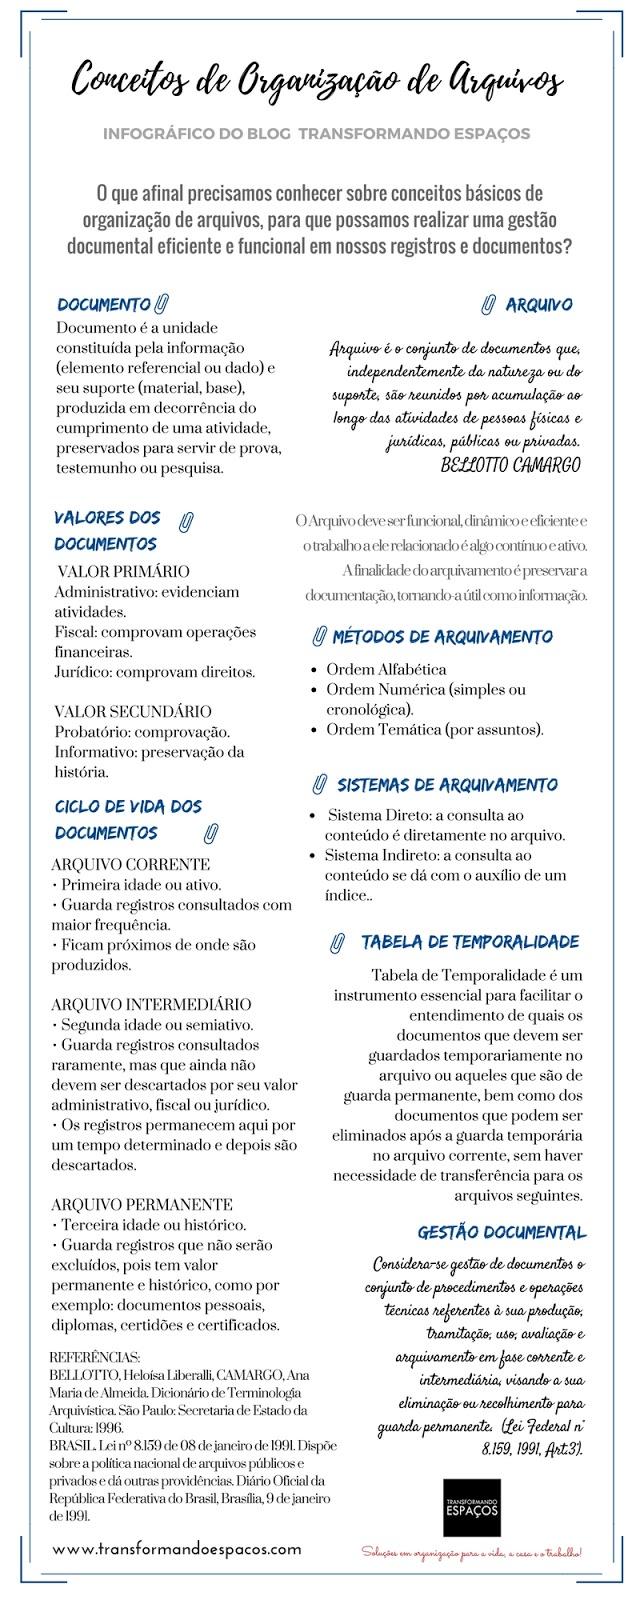 Infográfico Conceitos de Organização de Arquivos